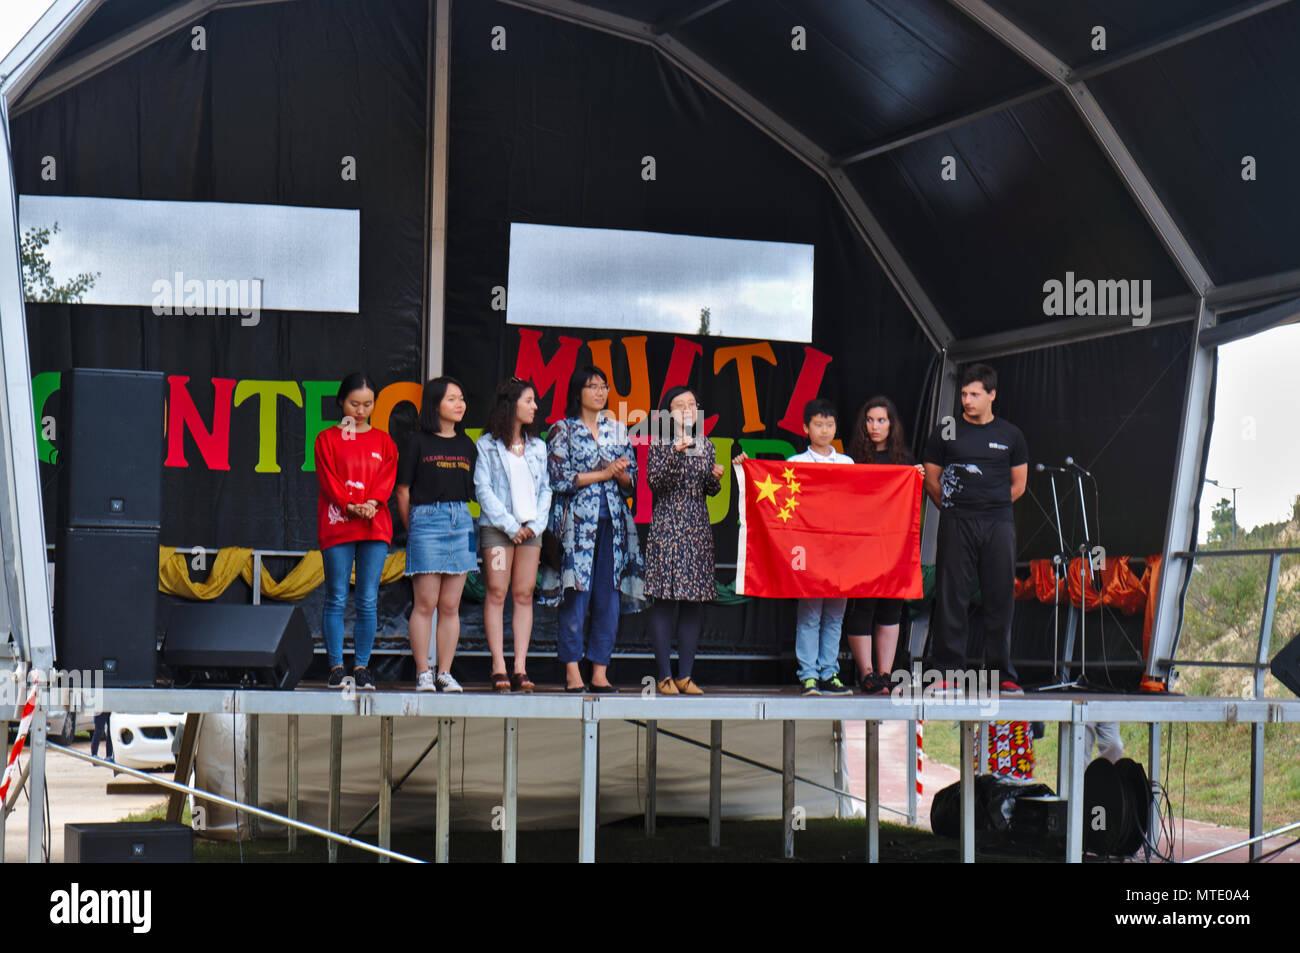 IV Encontro Multicultural (encuentro multicultural) en Albufeira, Algarve, Portugal. May 25th, 2018 Imagen De Stock